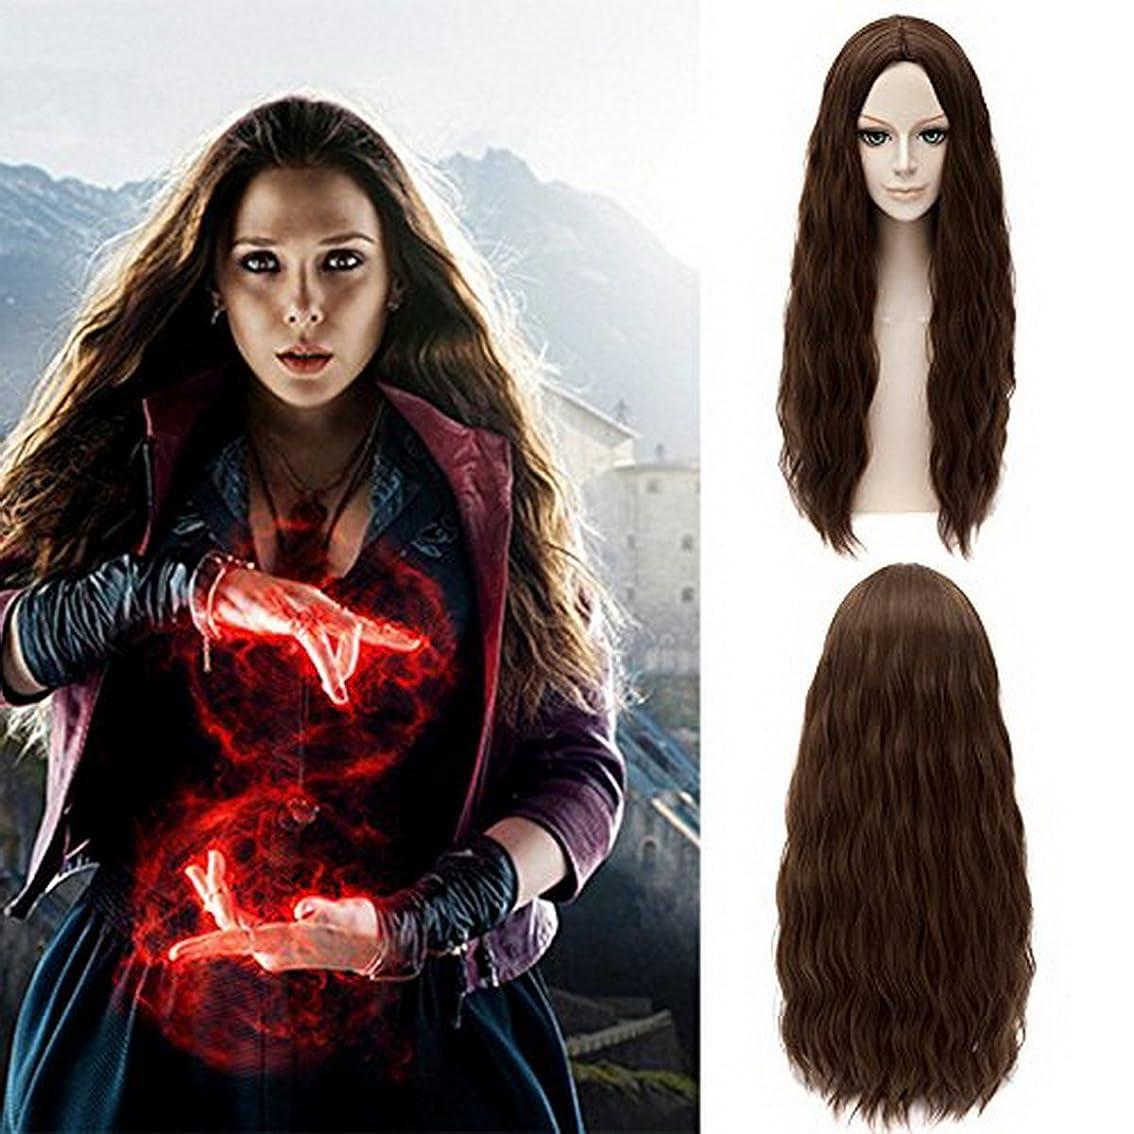 安定した家主世界記録のギネスブックXcoser Avengers Scarlet Witch Wanda Maximoff Cosplay Wig Brown Wavy Hair